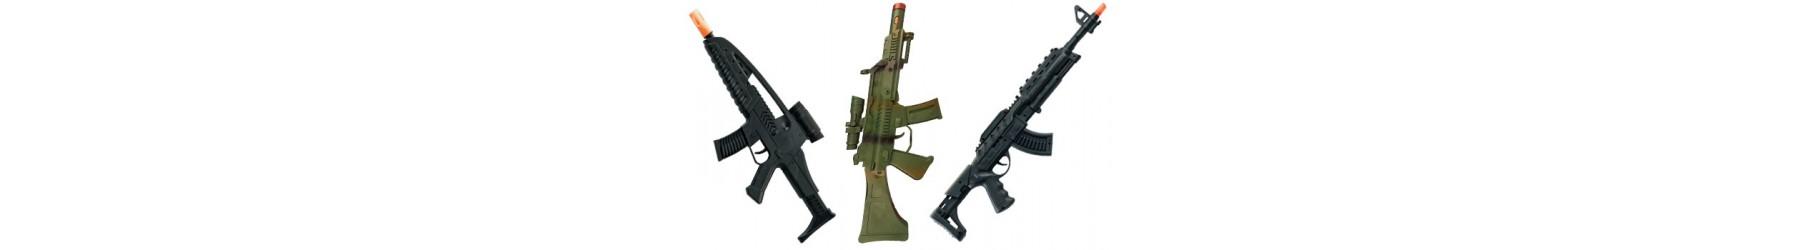 Αποκριάτικα Αυτόματα-Πολυβόλα όπλα για Στρατιώτες, Πολεμιστές, Μαχητές